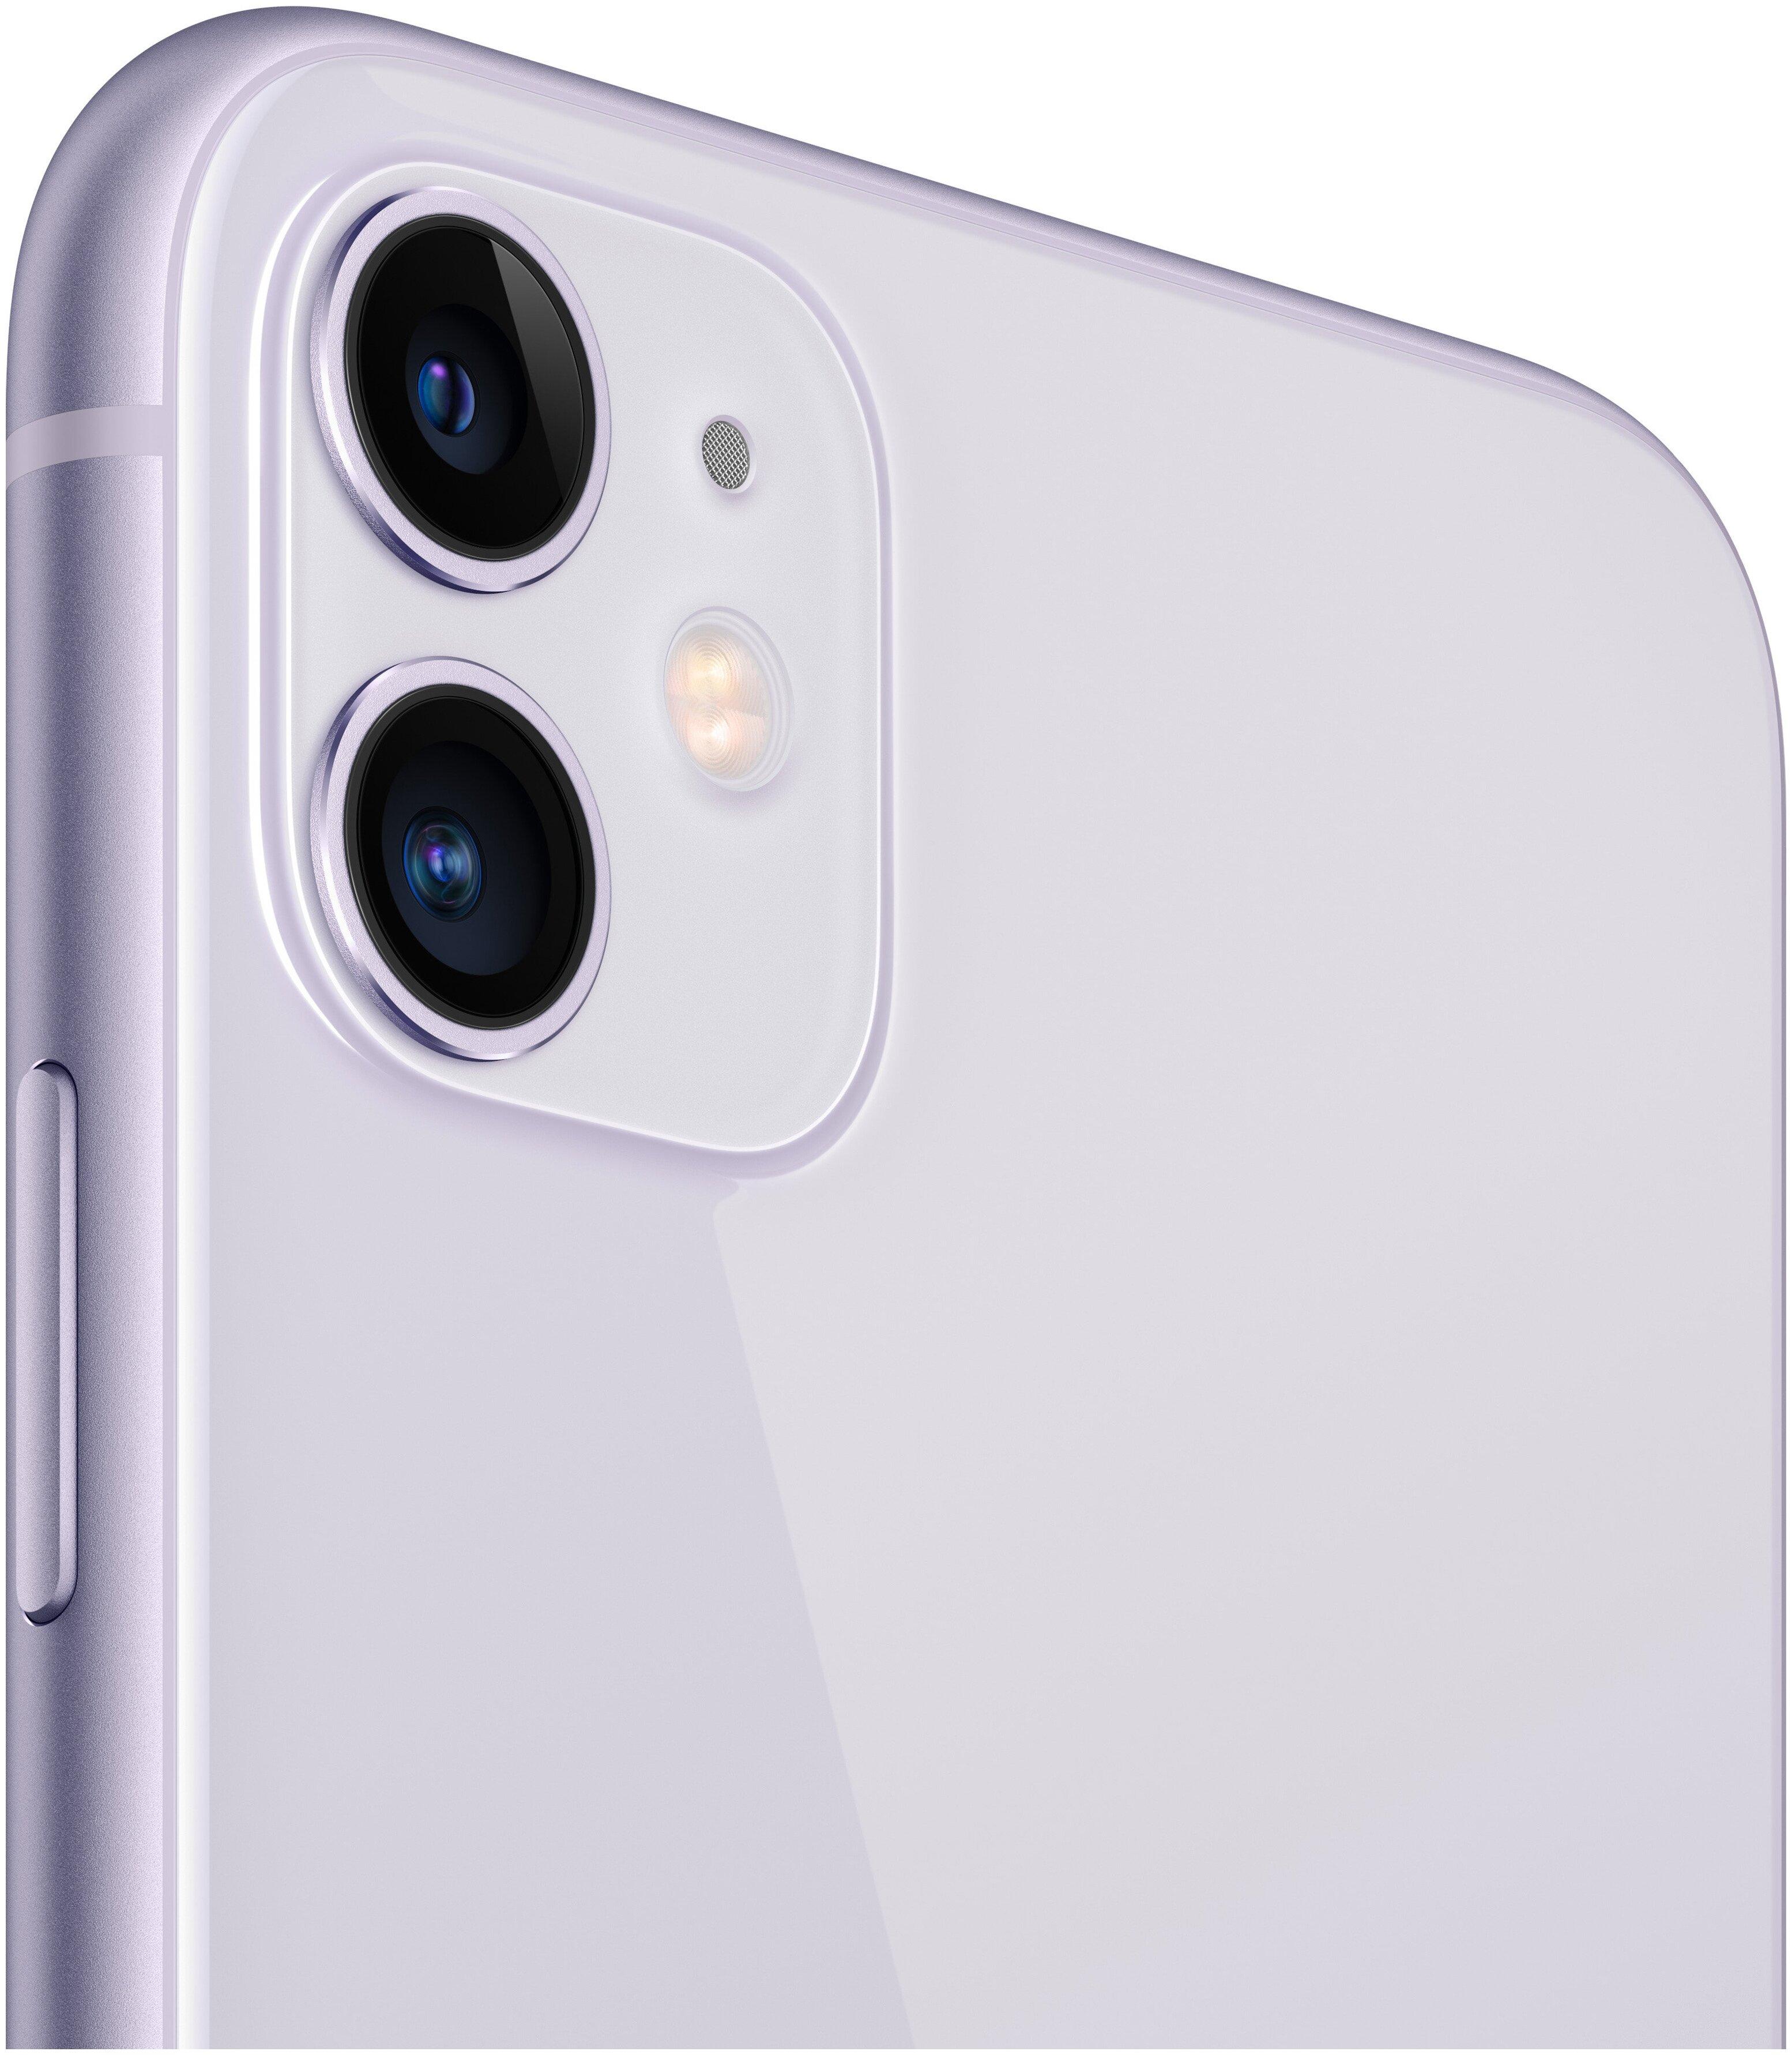 Apple iPhone 11 128GB - двойная камера: 12МП, 12МП